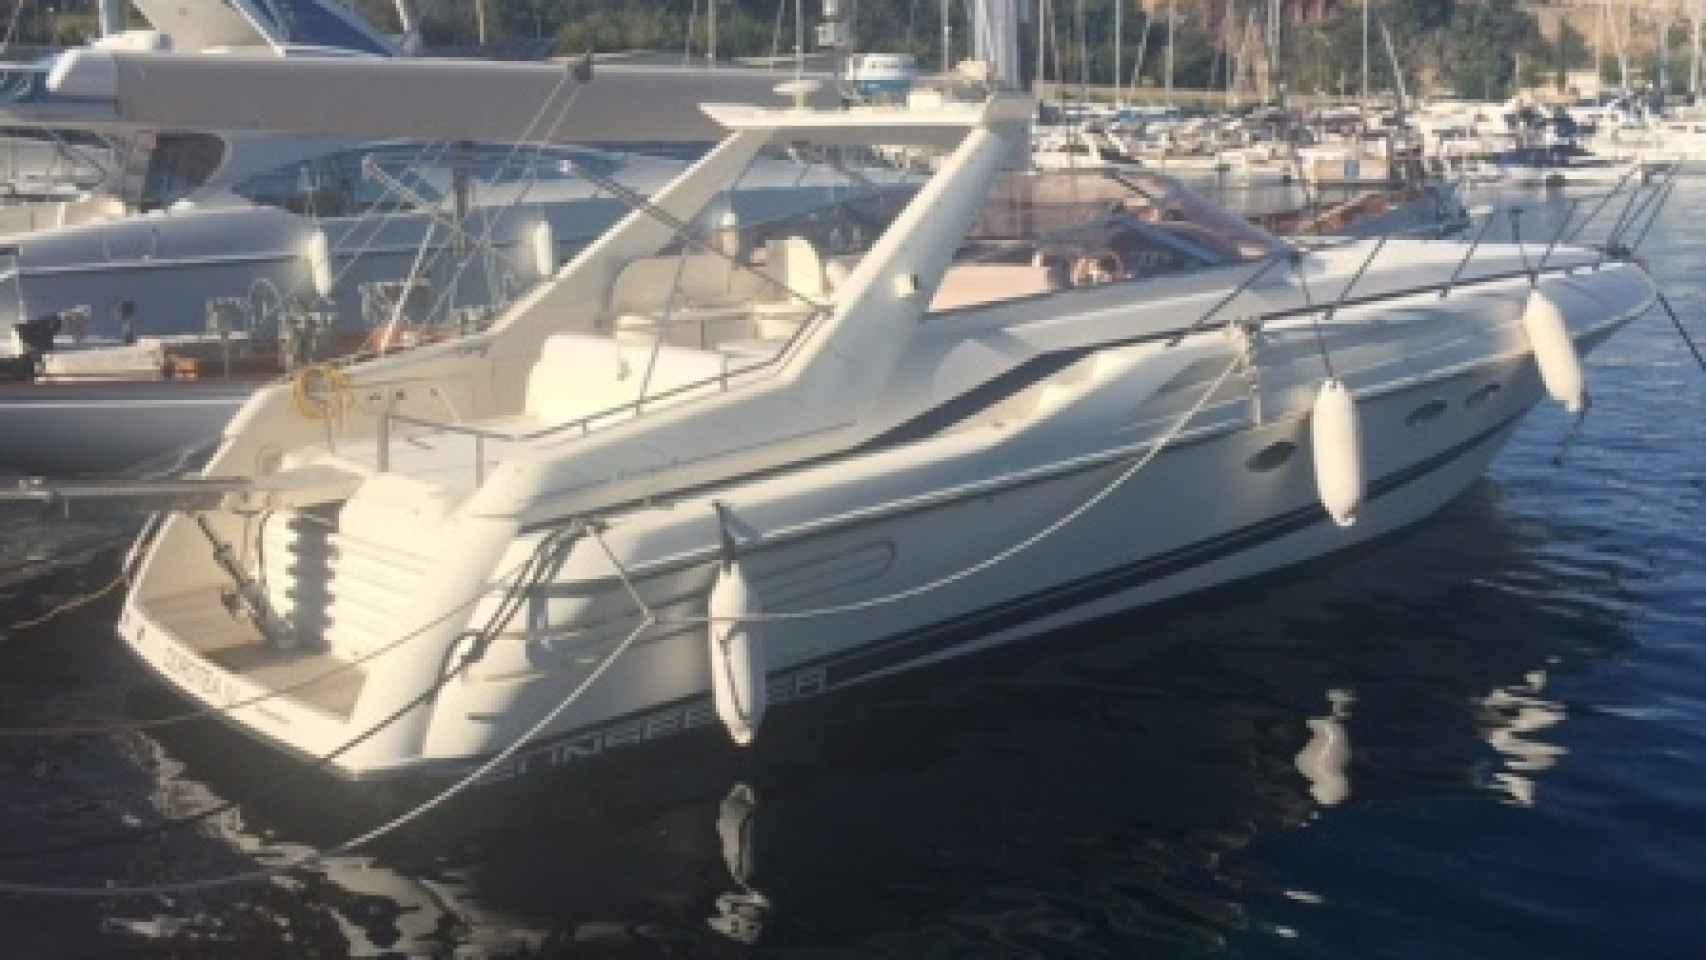 La barca Dortea que vende Macià Alavedra, amarrada en el Puerto de Llafranc